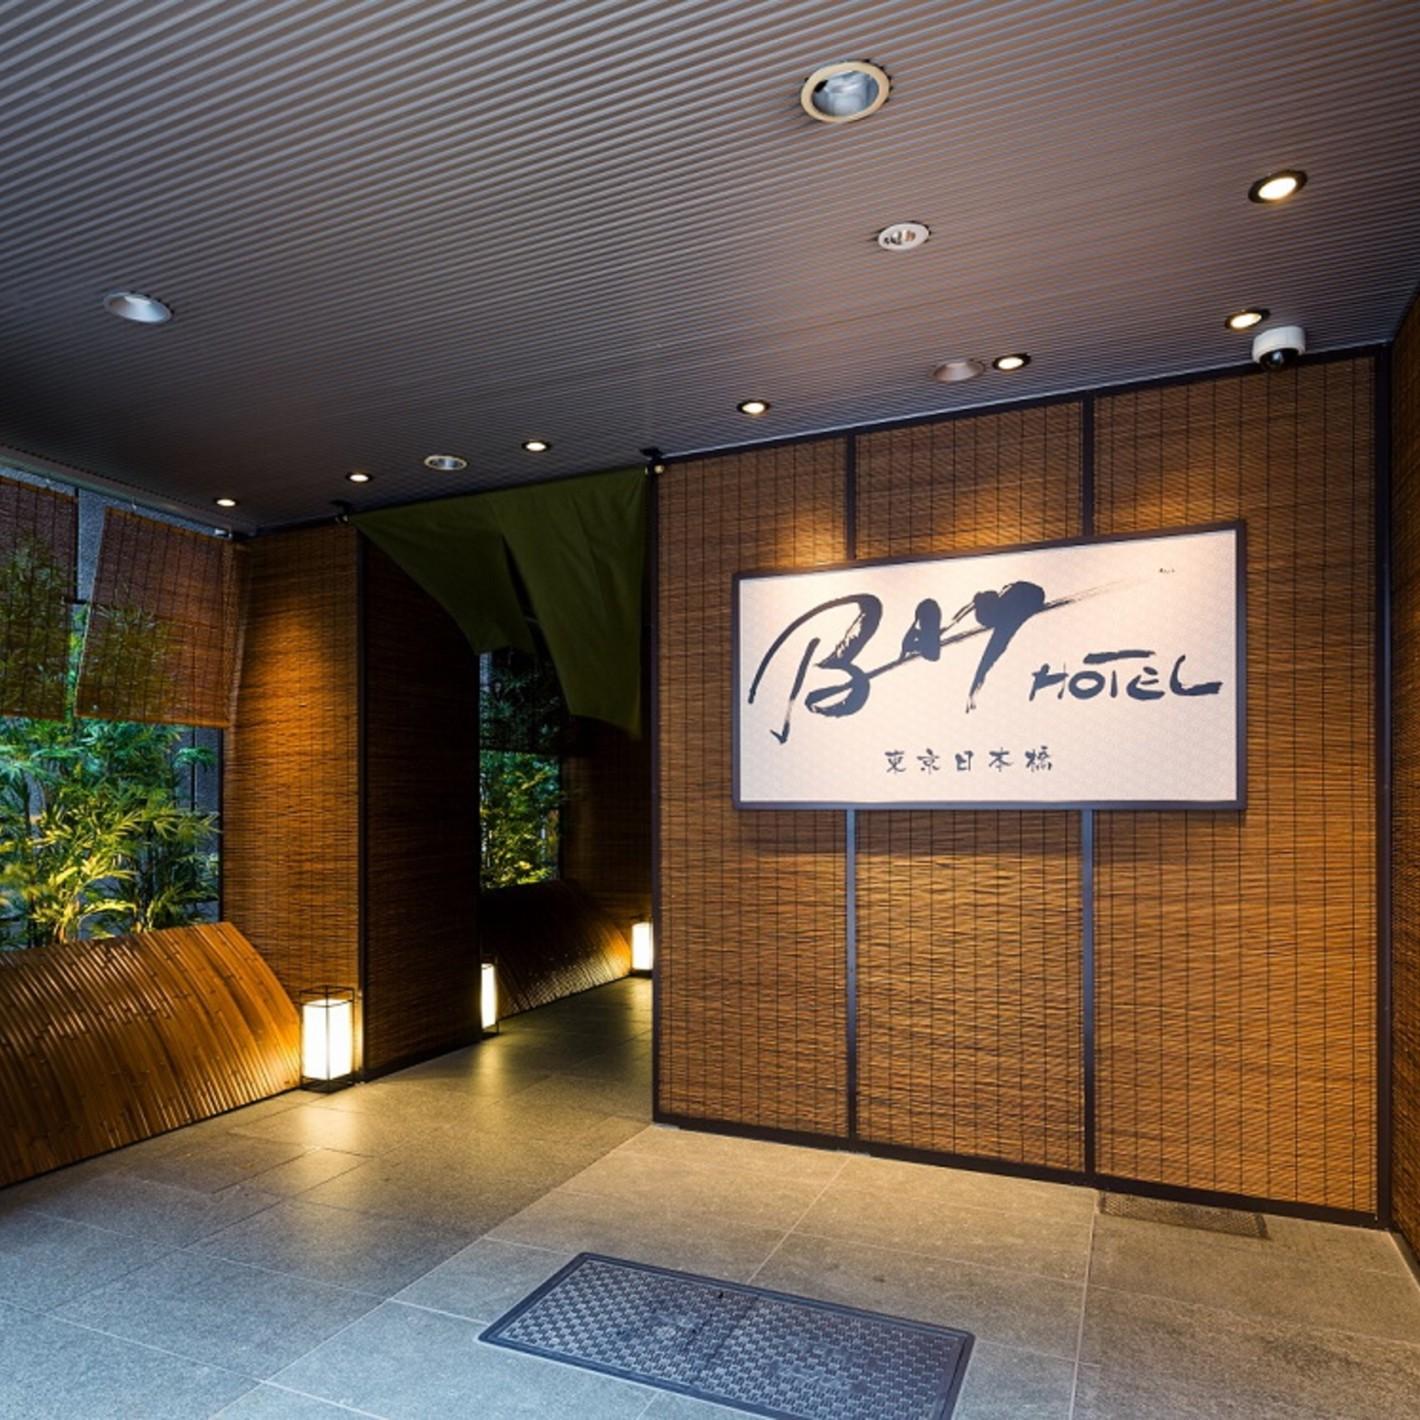 東京駅前BAY HOTEL(旧 東京日本橋BAY HOTEL...